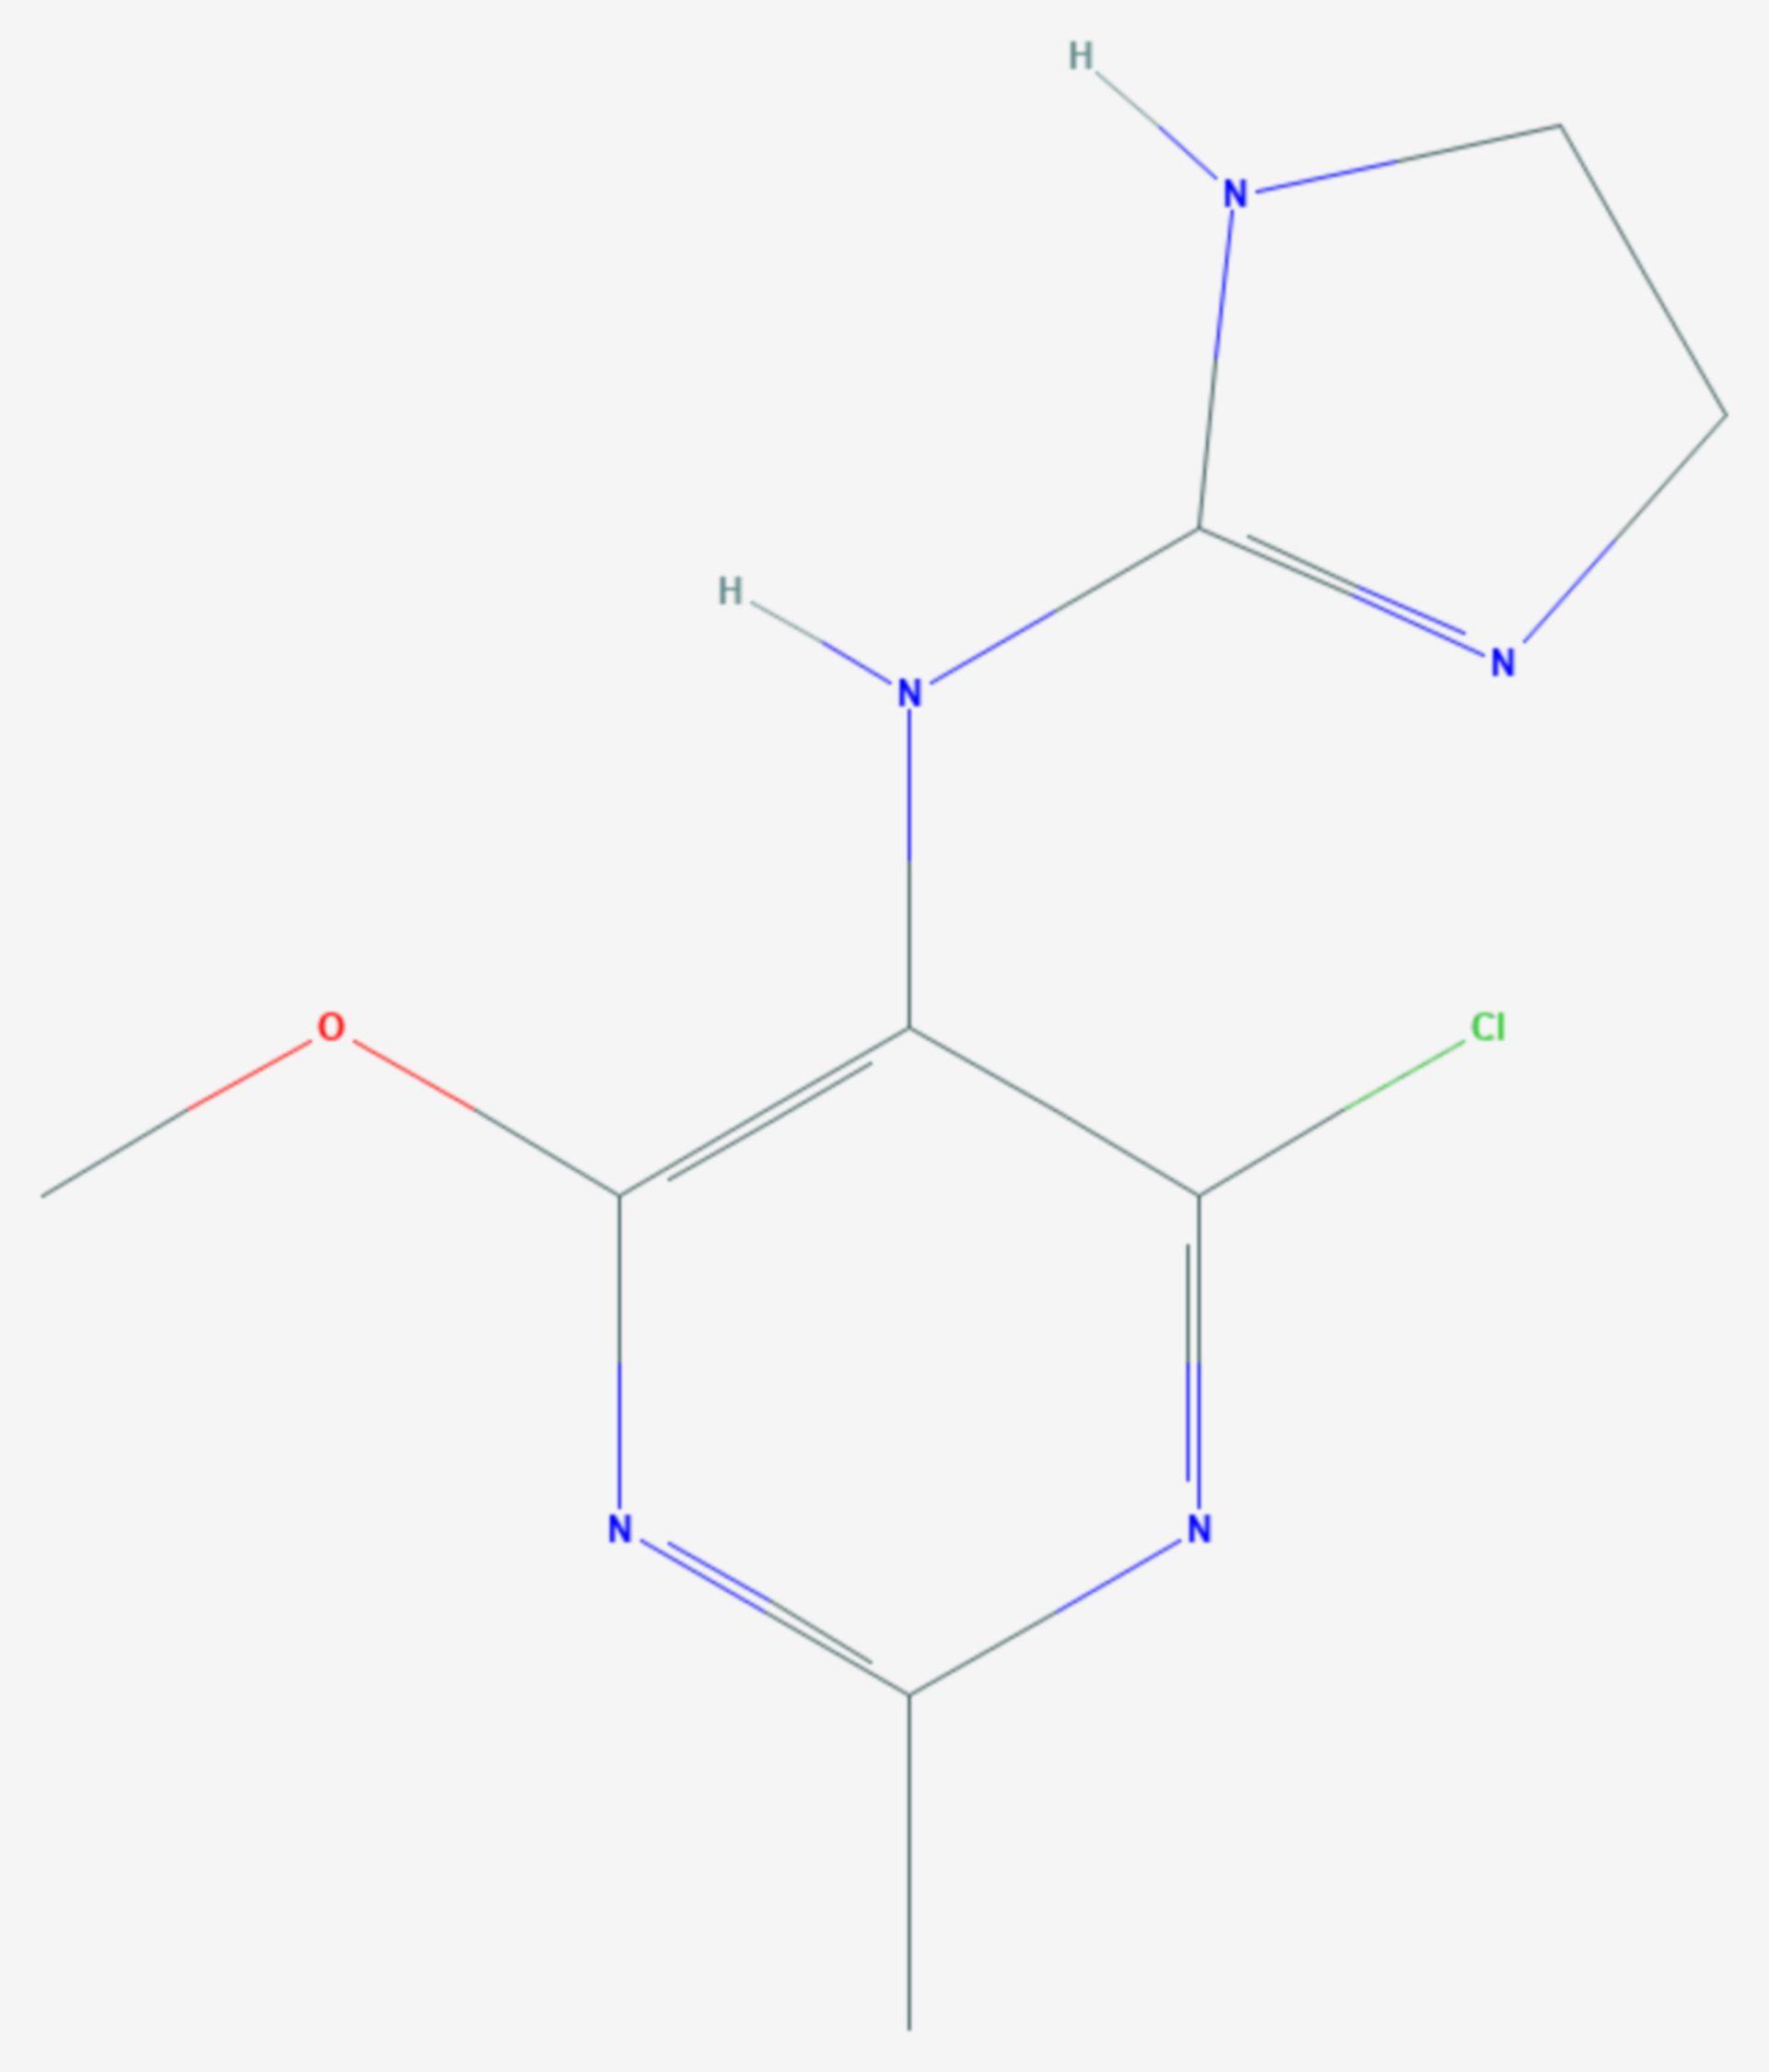 Moxonidin (Strukturformel)